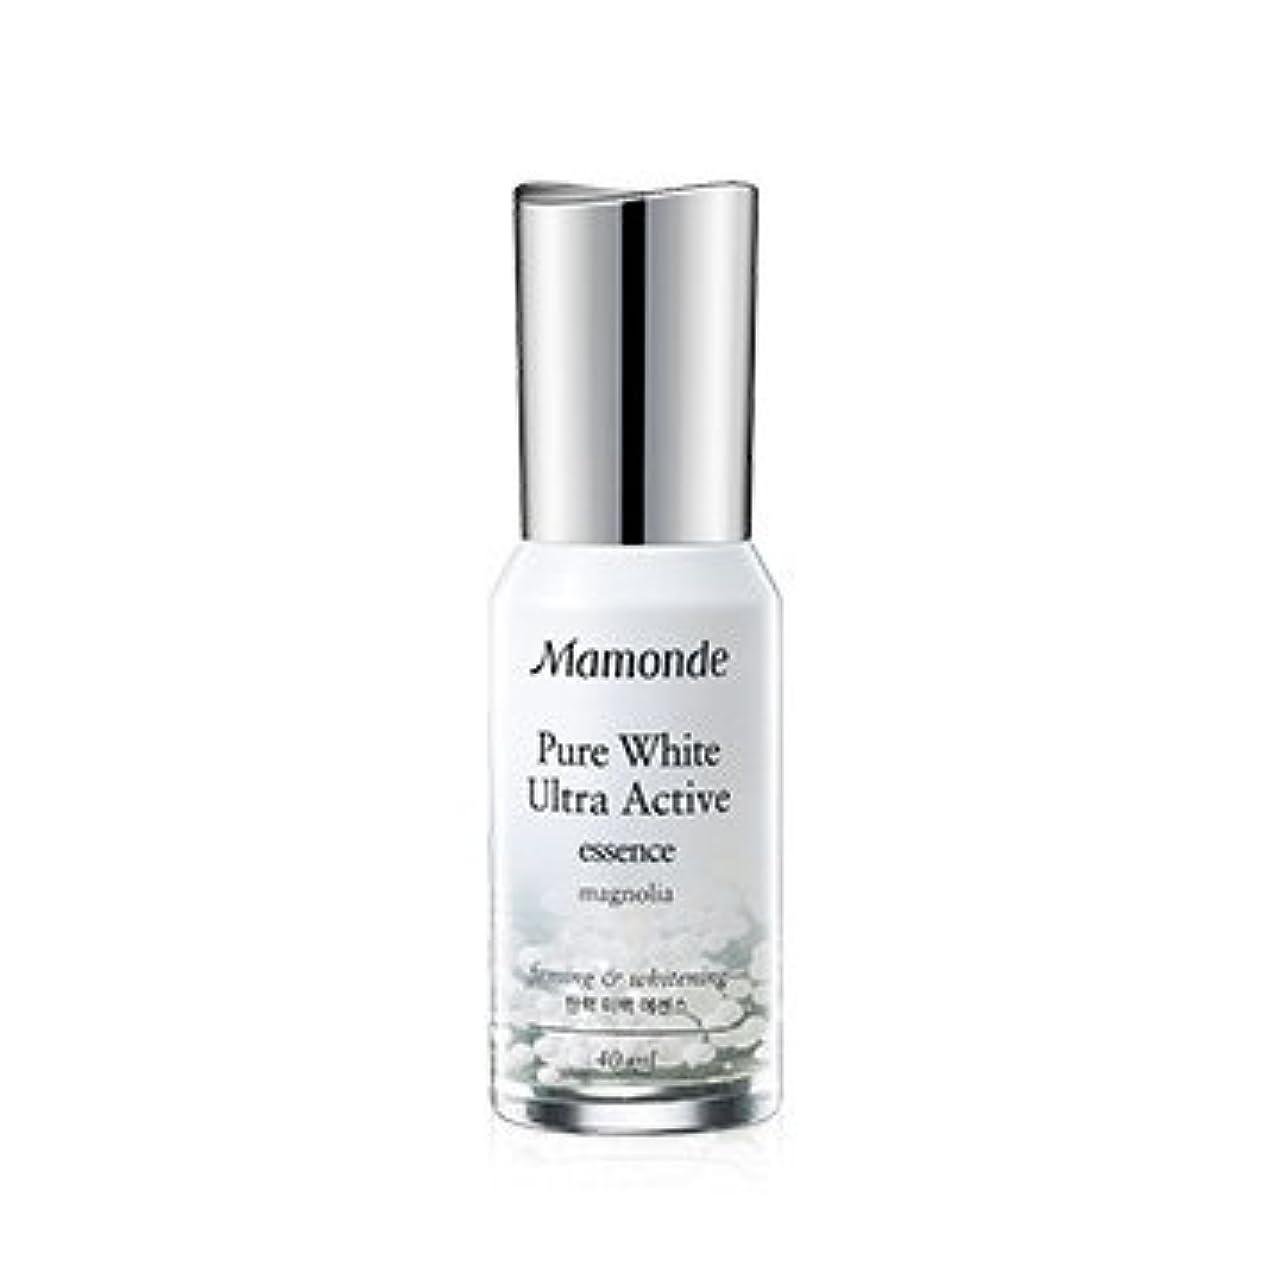 旅行代理店実際に複雑Mamonde Pure White Ultra Active Essence 40ml/マモンド ピュア ホワイト ウルトラ アクティブ エッセンス 40ml [並行輸入品]